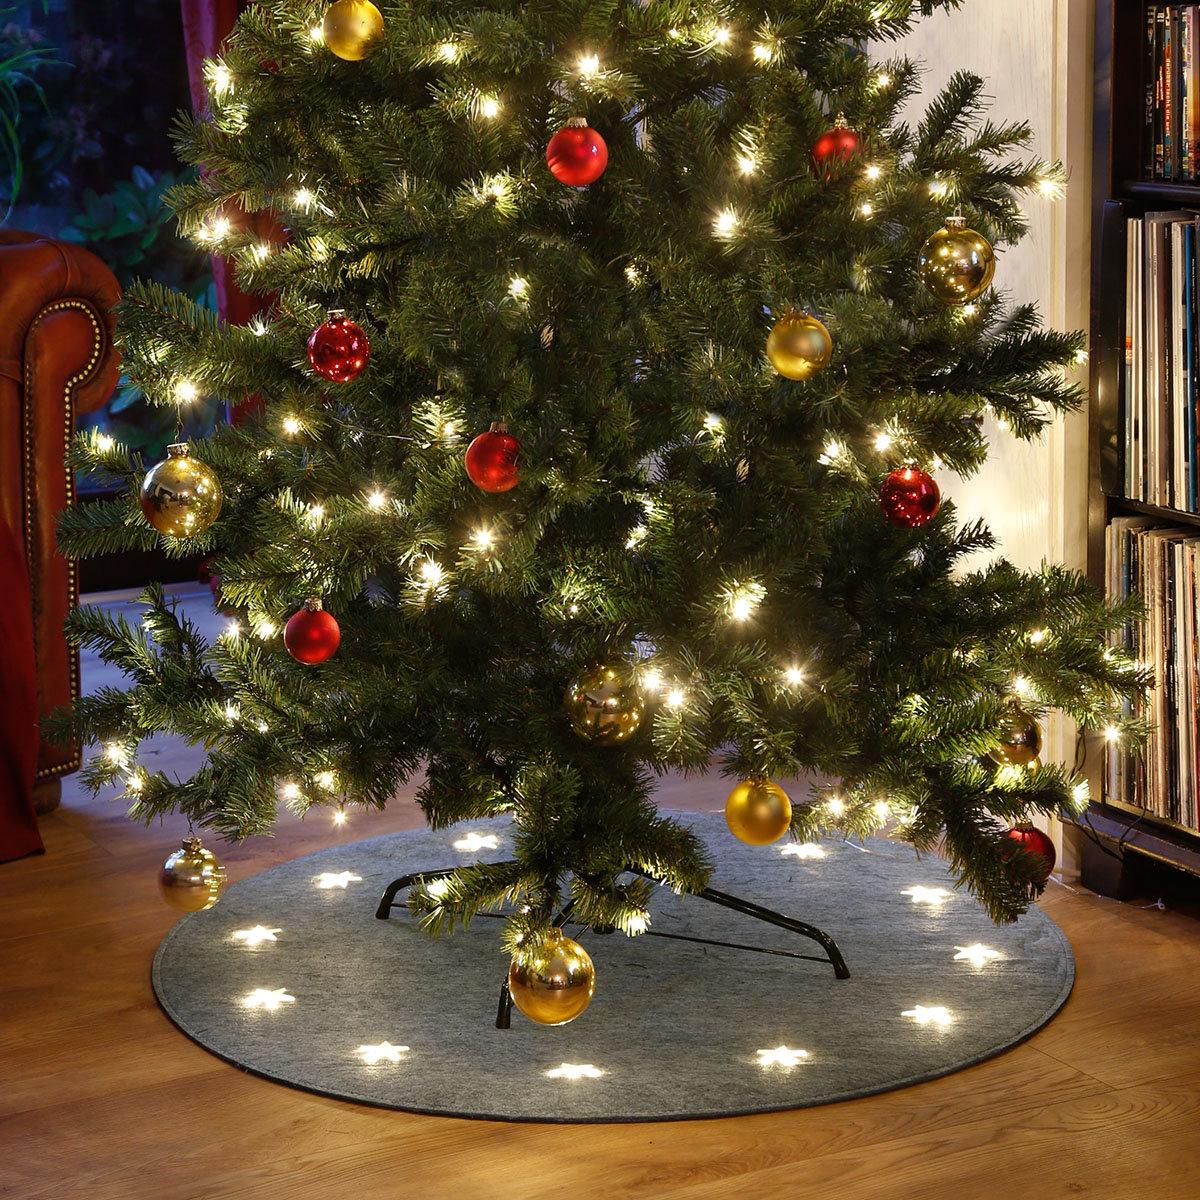 LED-Weihnachtsbaumdecke | #2